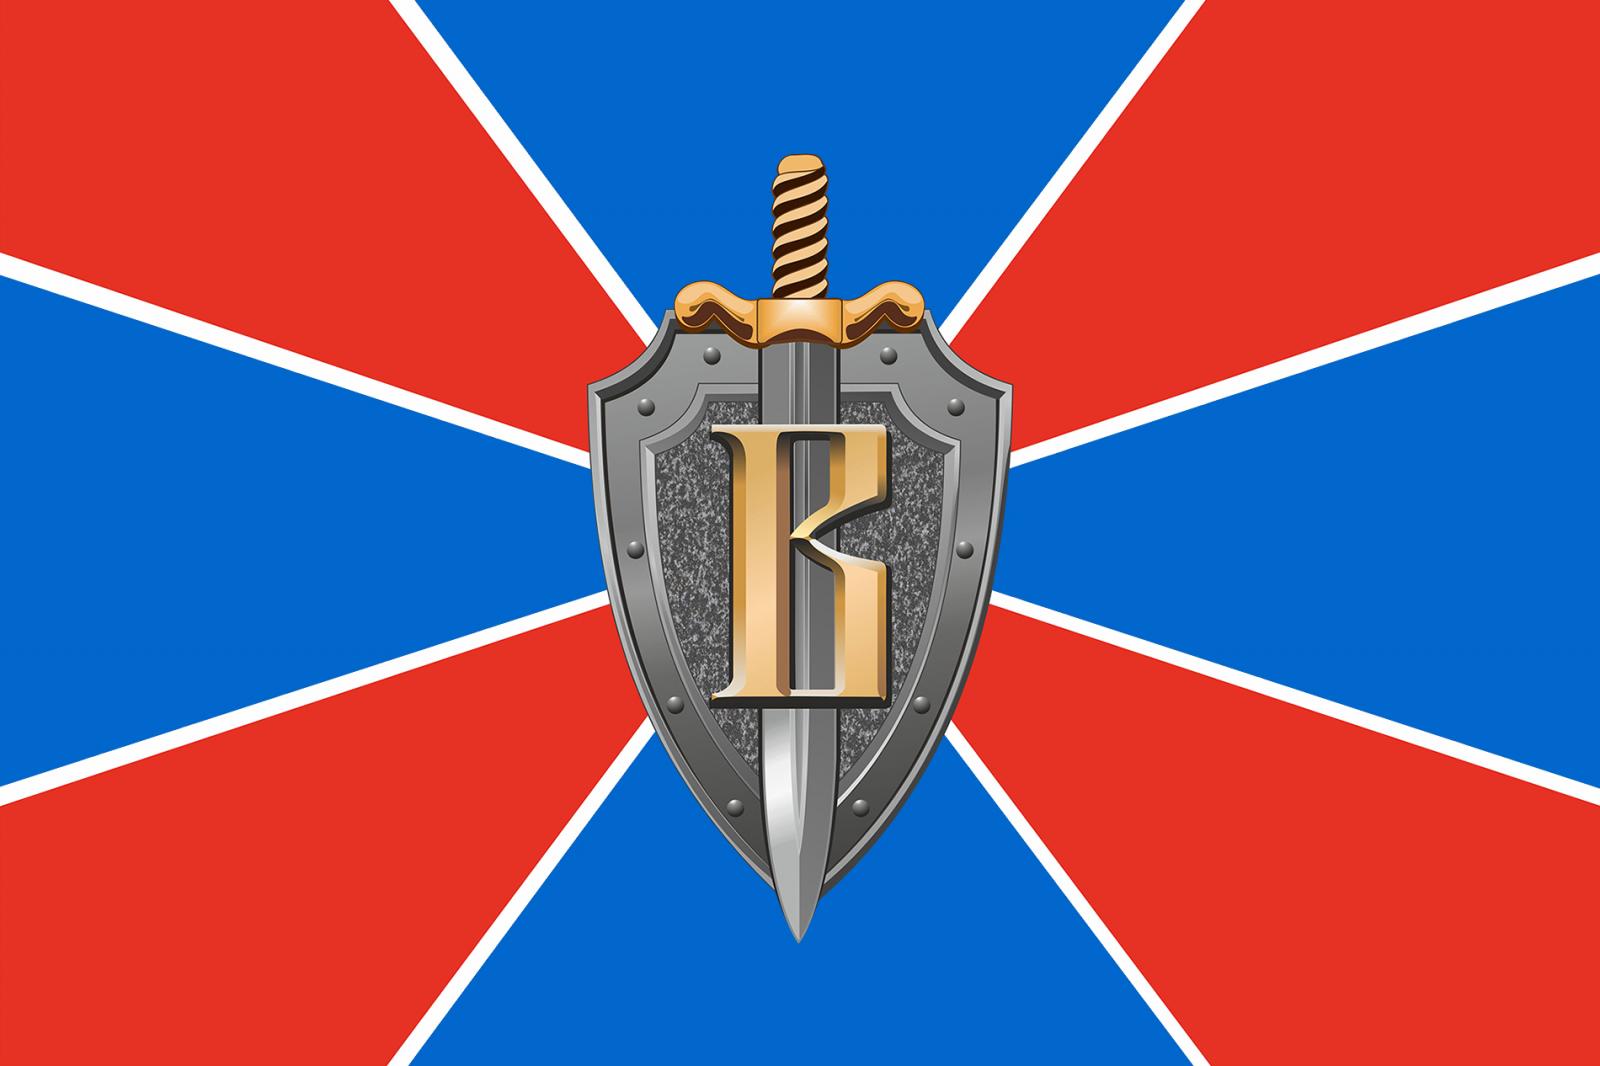 Знамя ФСБ РФ